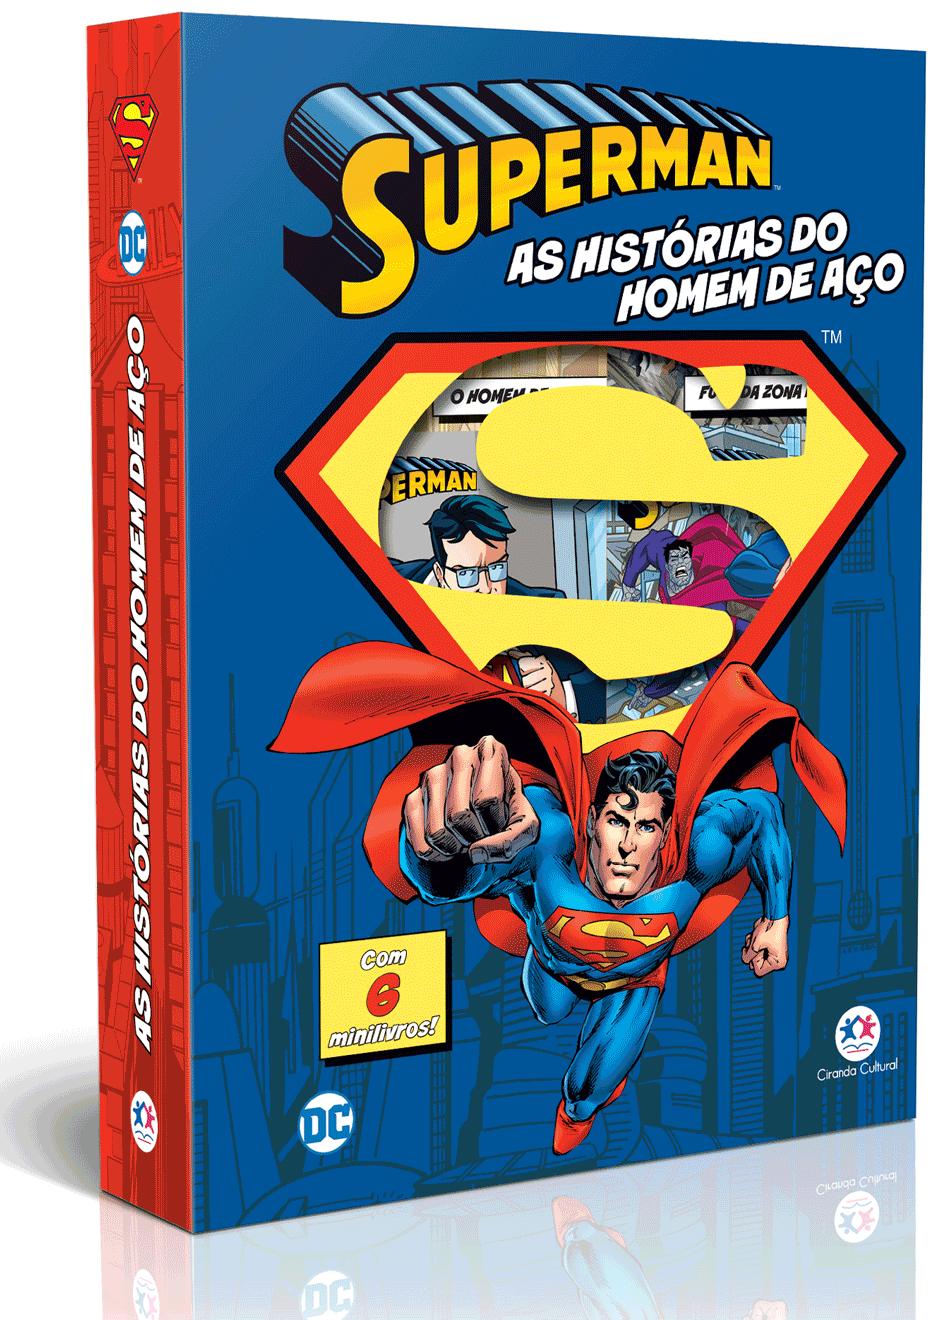 MINIBIBLIOTECA BOX SUPER HOMEM - AS HISTÓRIAS DO HOMEM DE AÇO